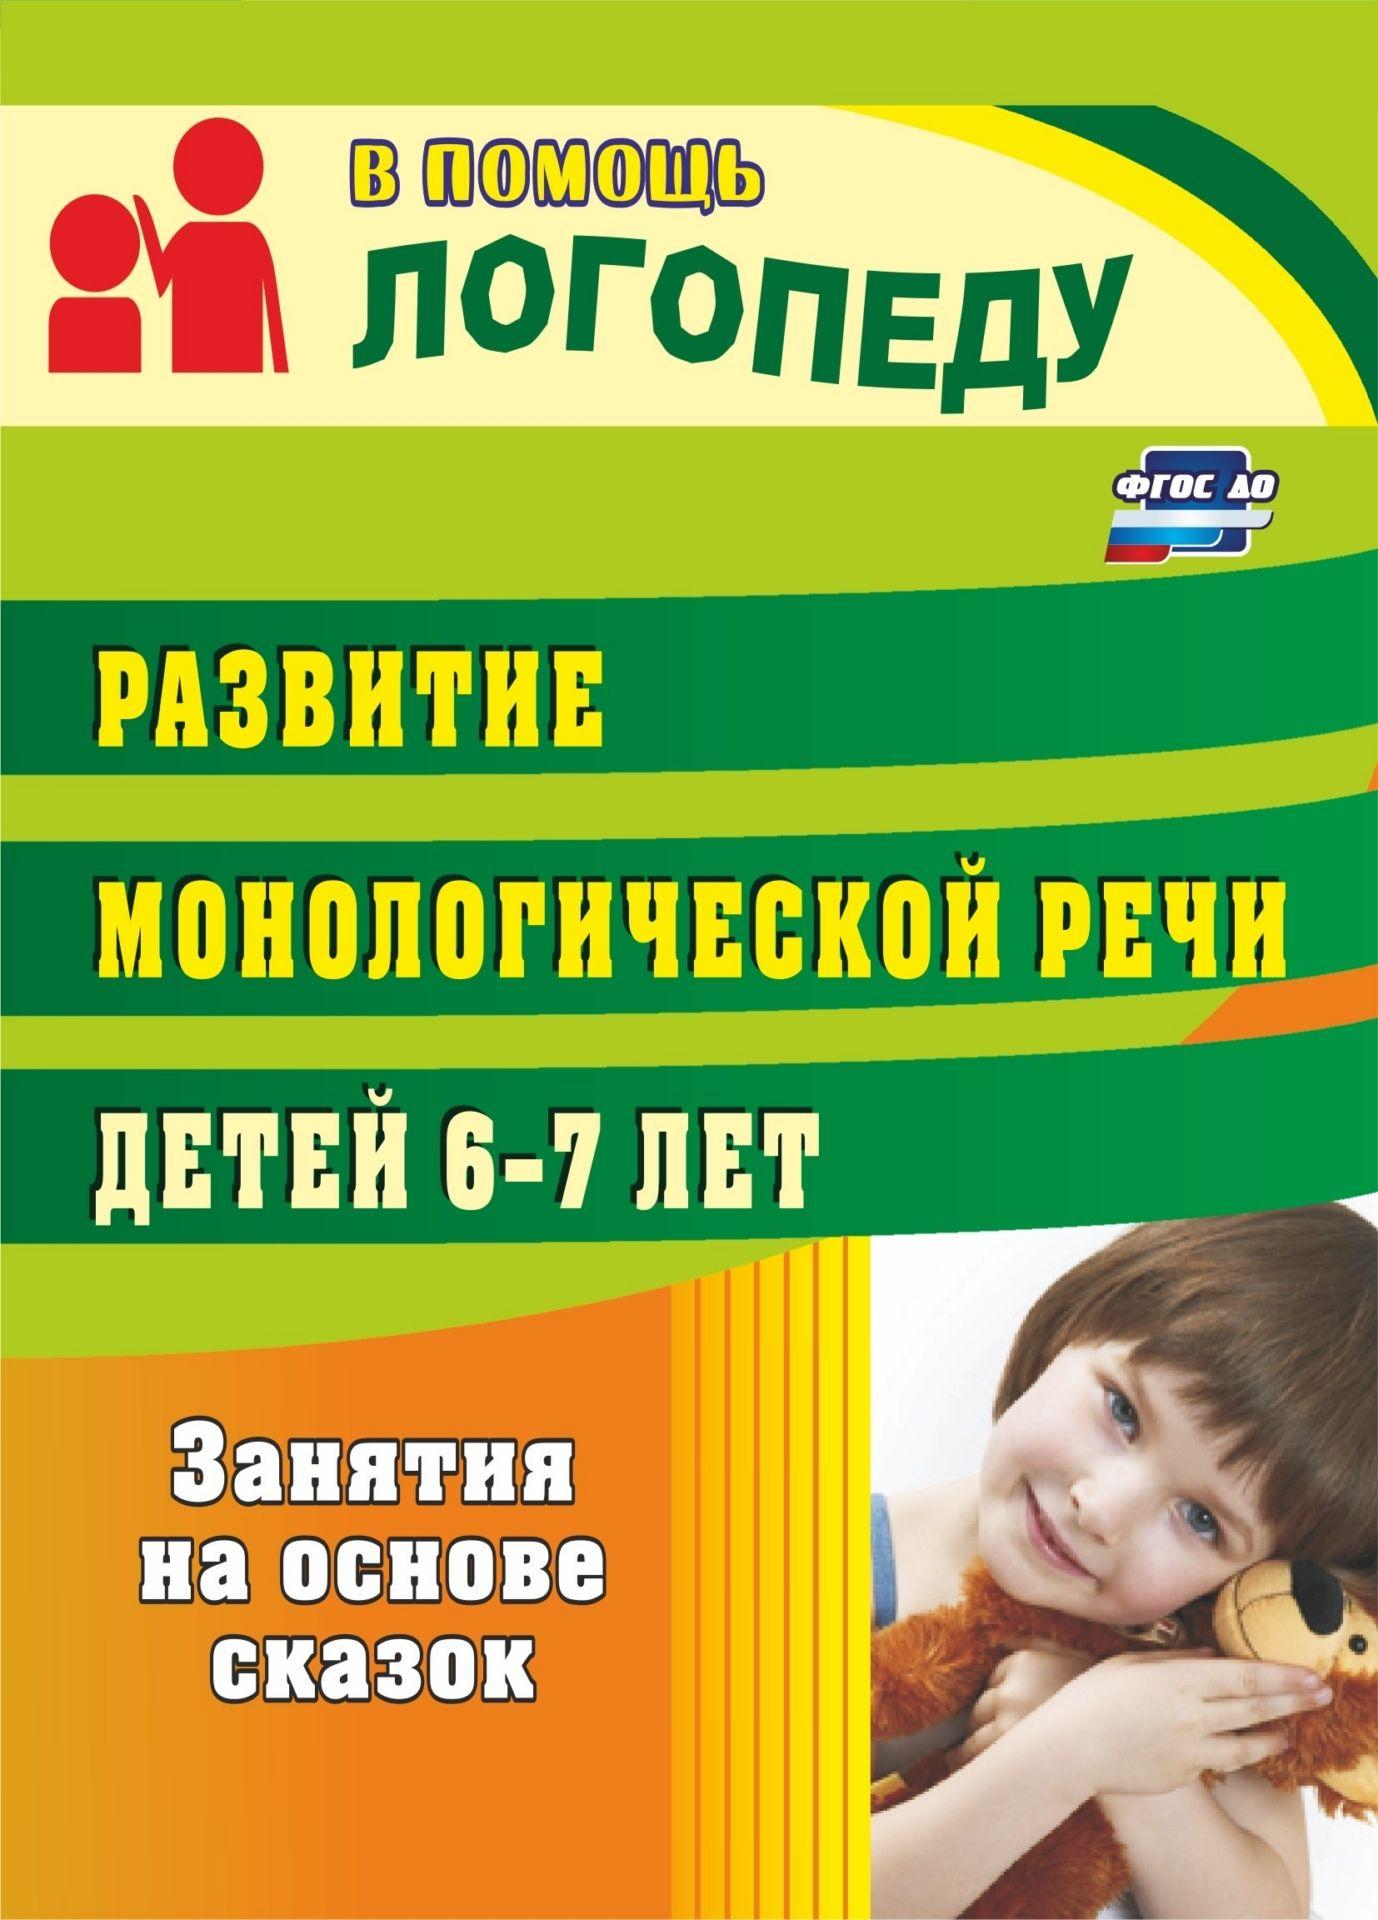 Развитие монологической речи детей 6-7 лет: занятия на основе сказок